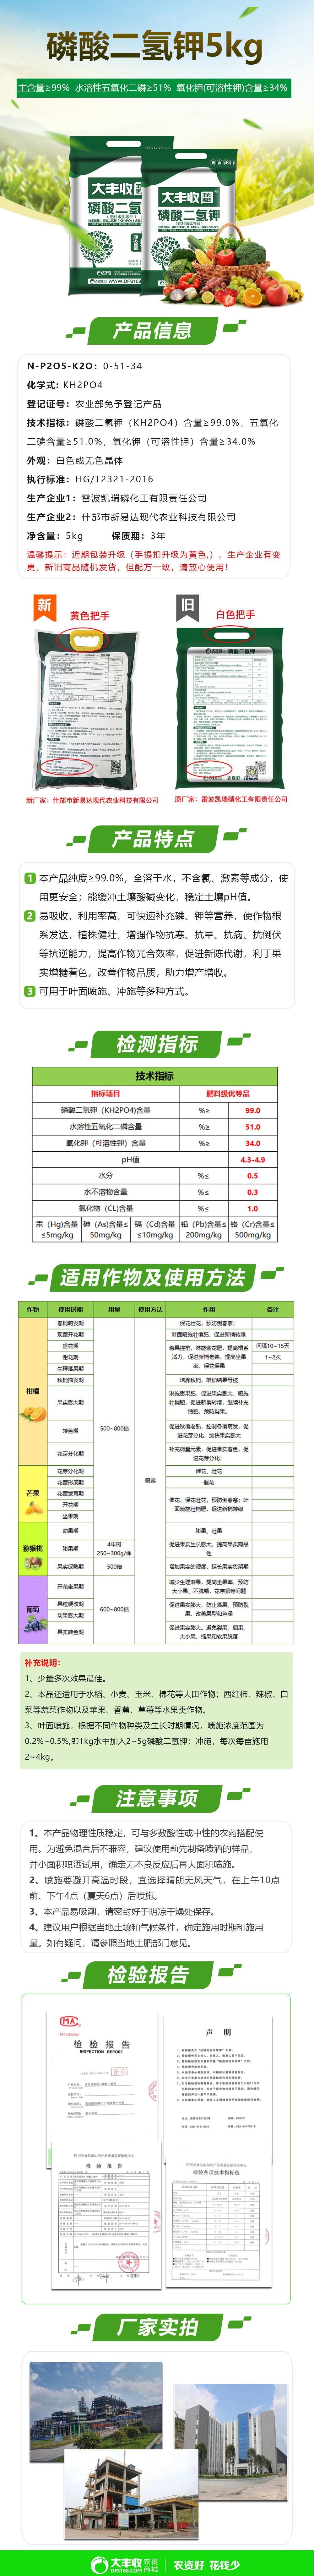 磷二5kg新商详新厂家.jpg